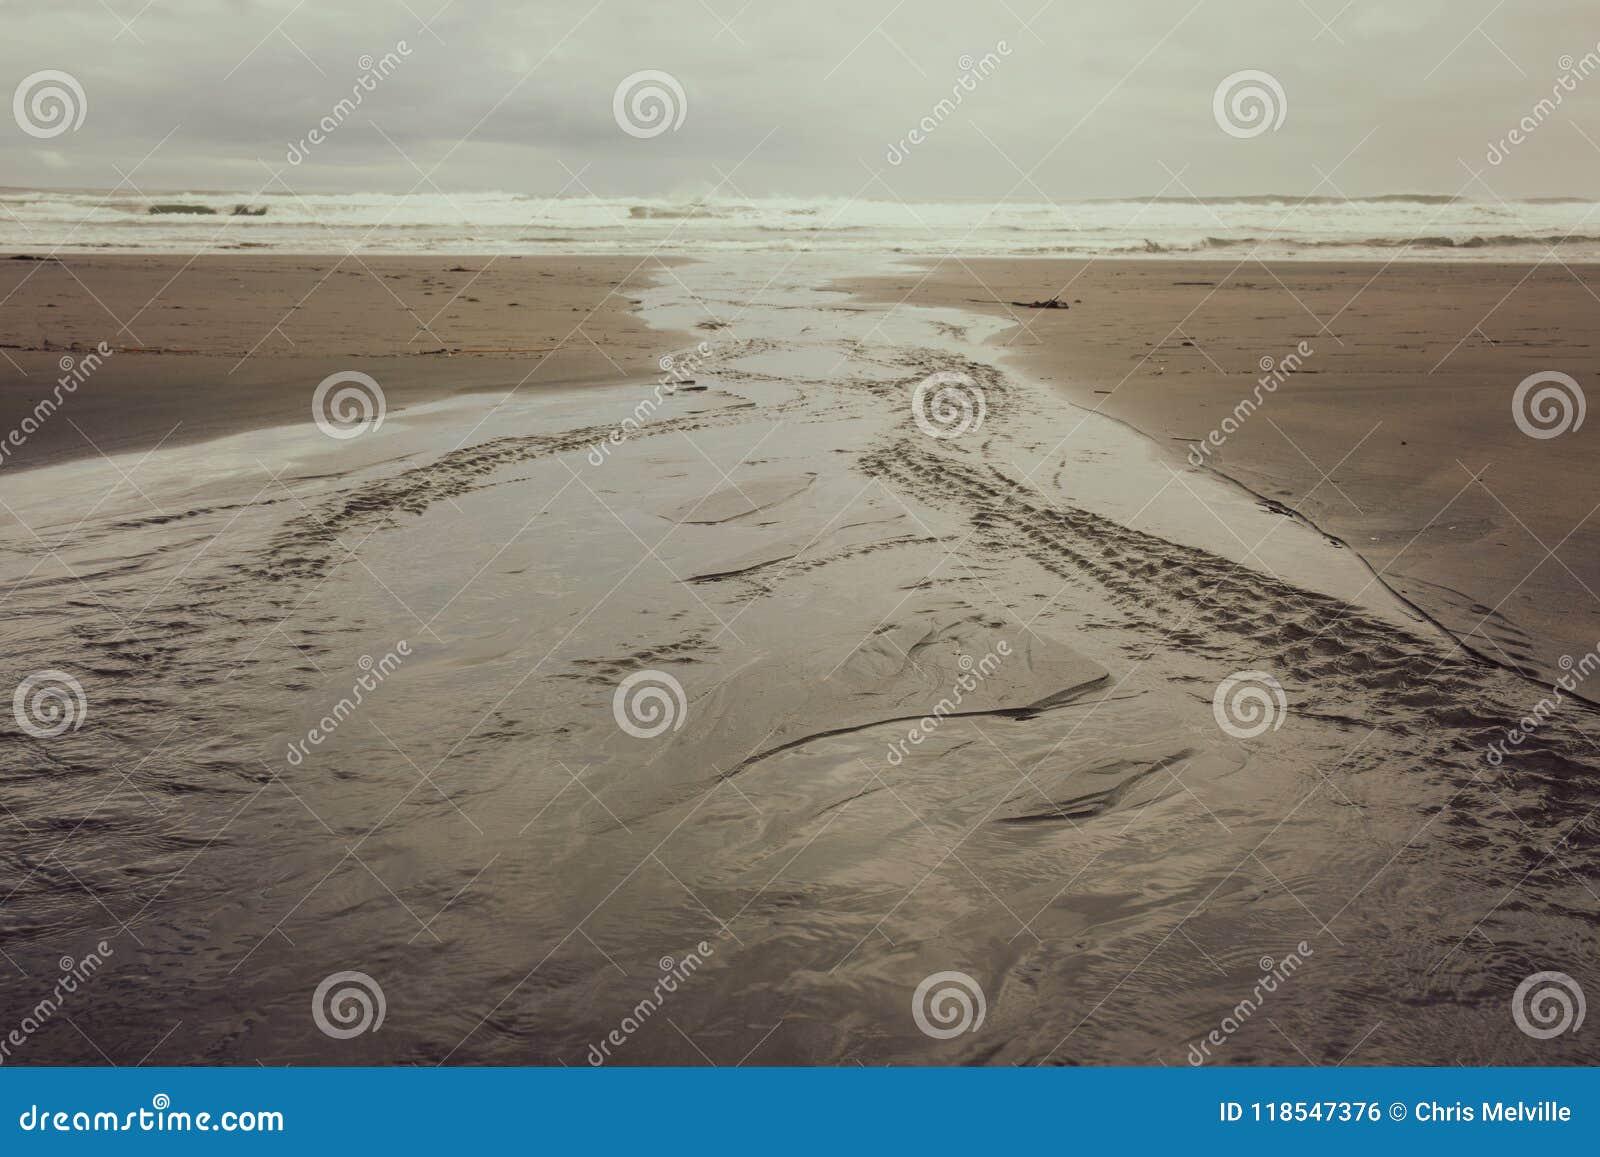 Ένας επίπεδος ποταμός ελιγμού οδηγεί κάτω από την παραλία